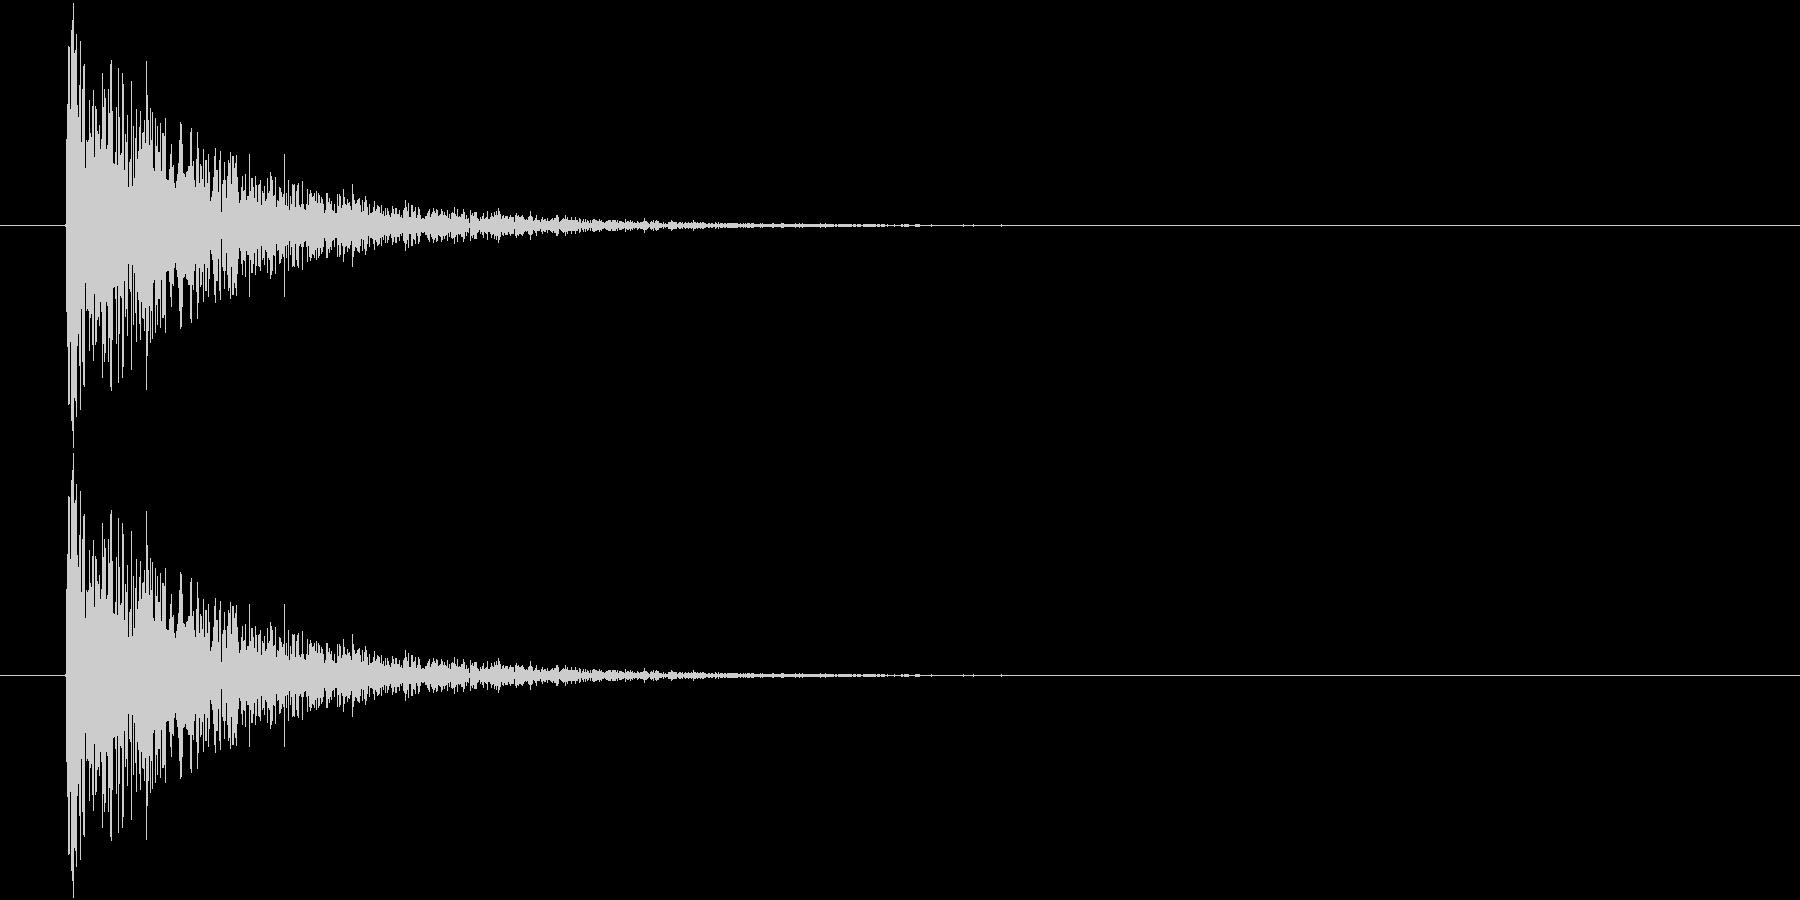 レーザービーム音(ピュン)の未再生の波形